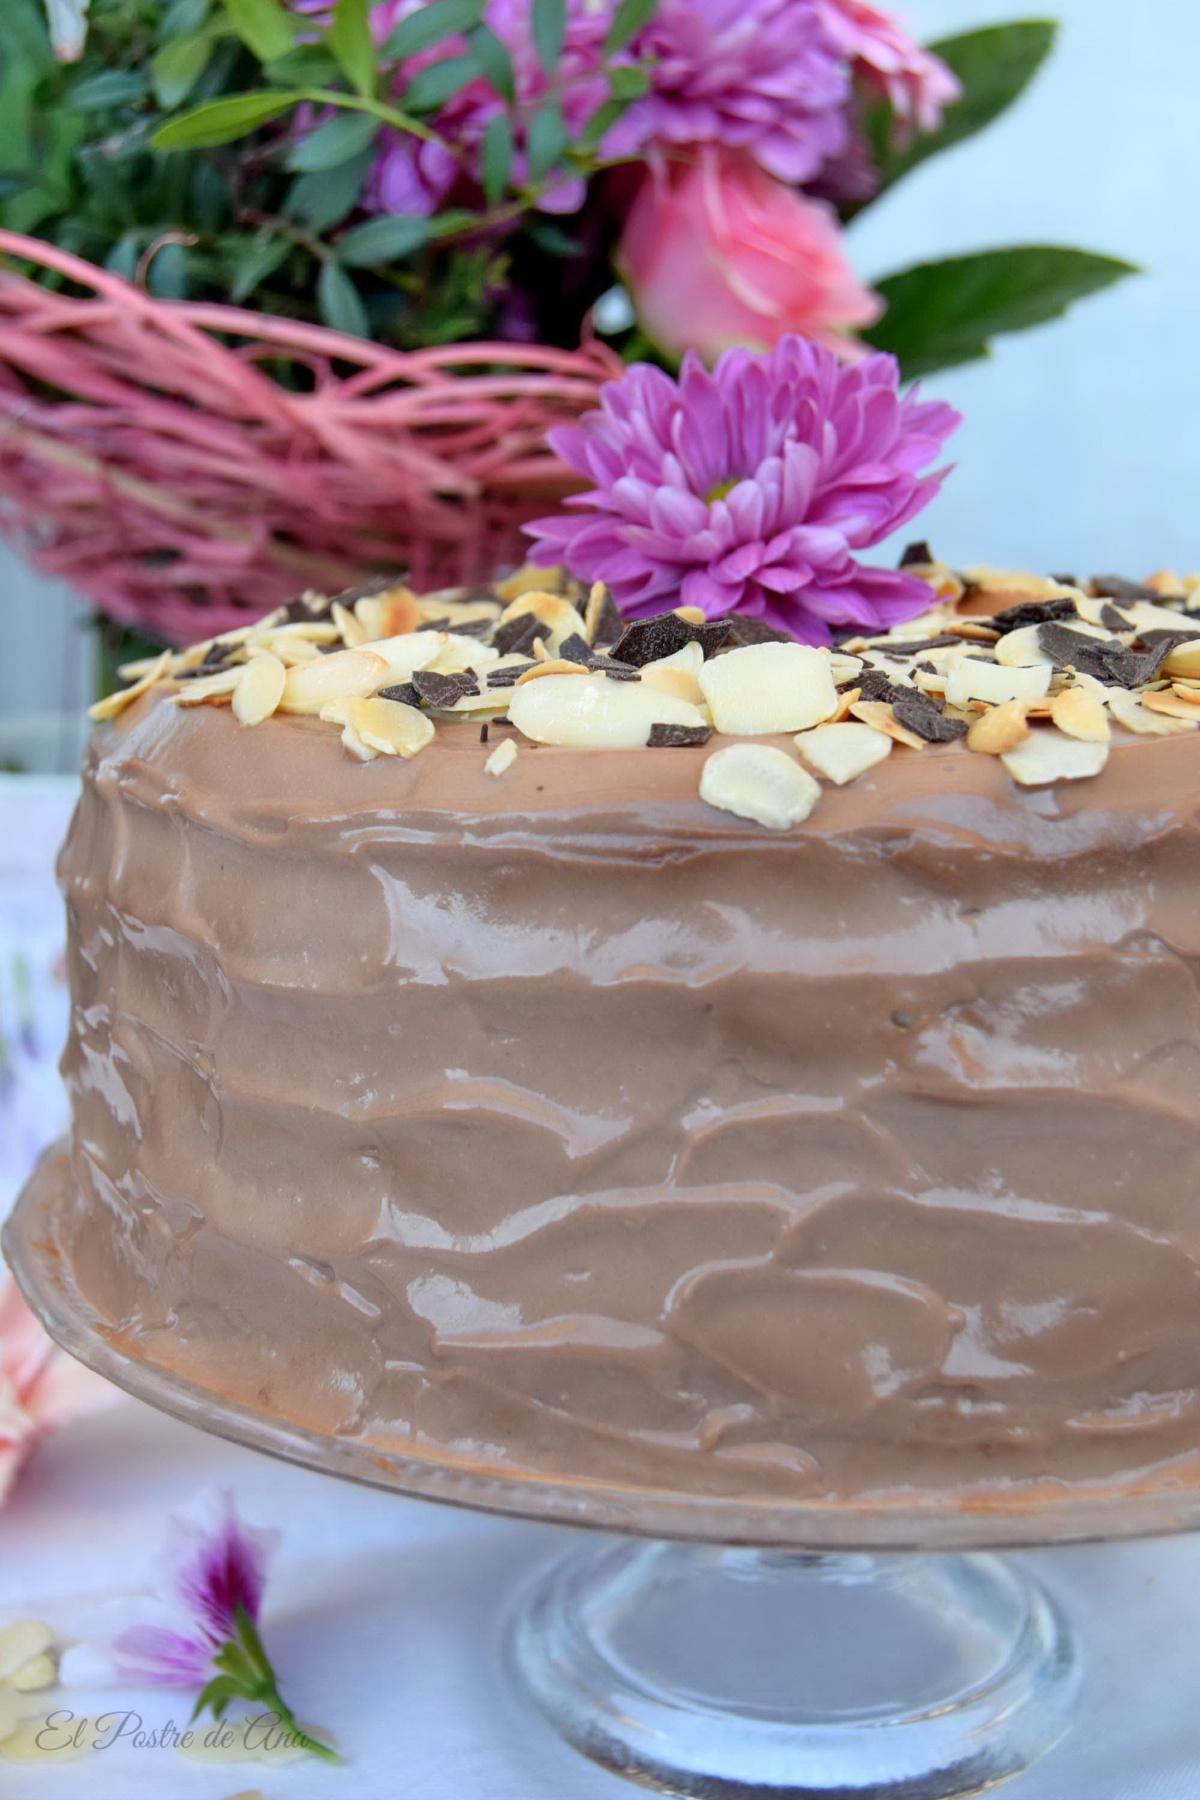 Tarta de caramelo con nueces ychocolate